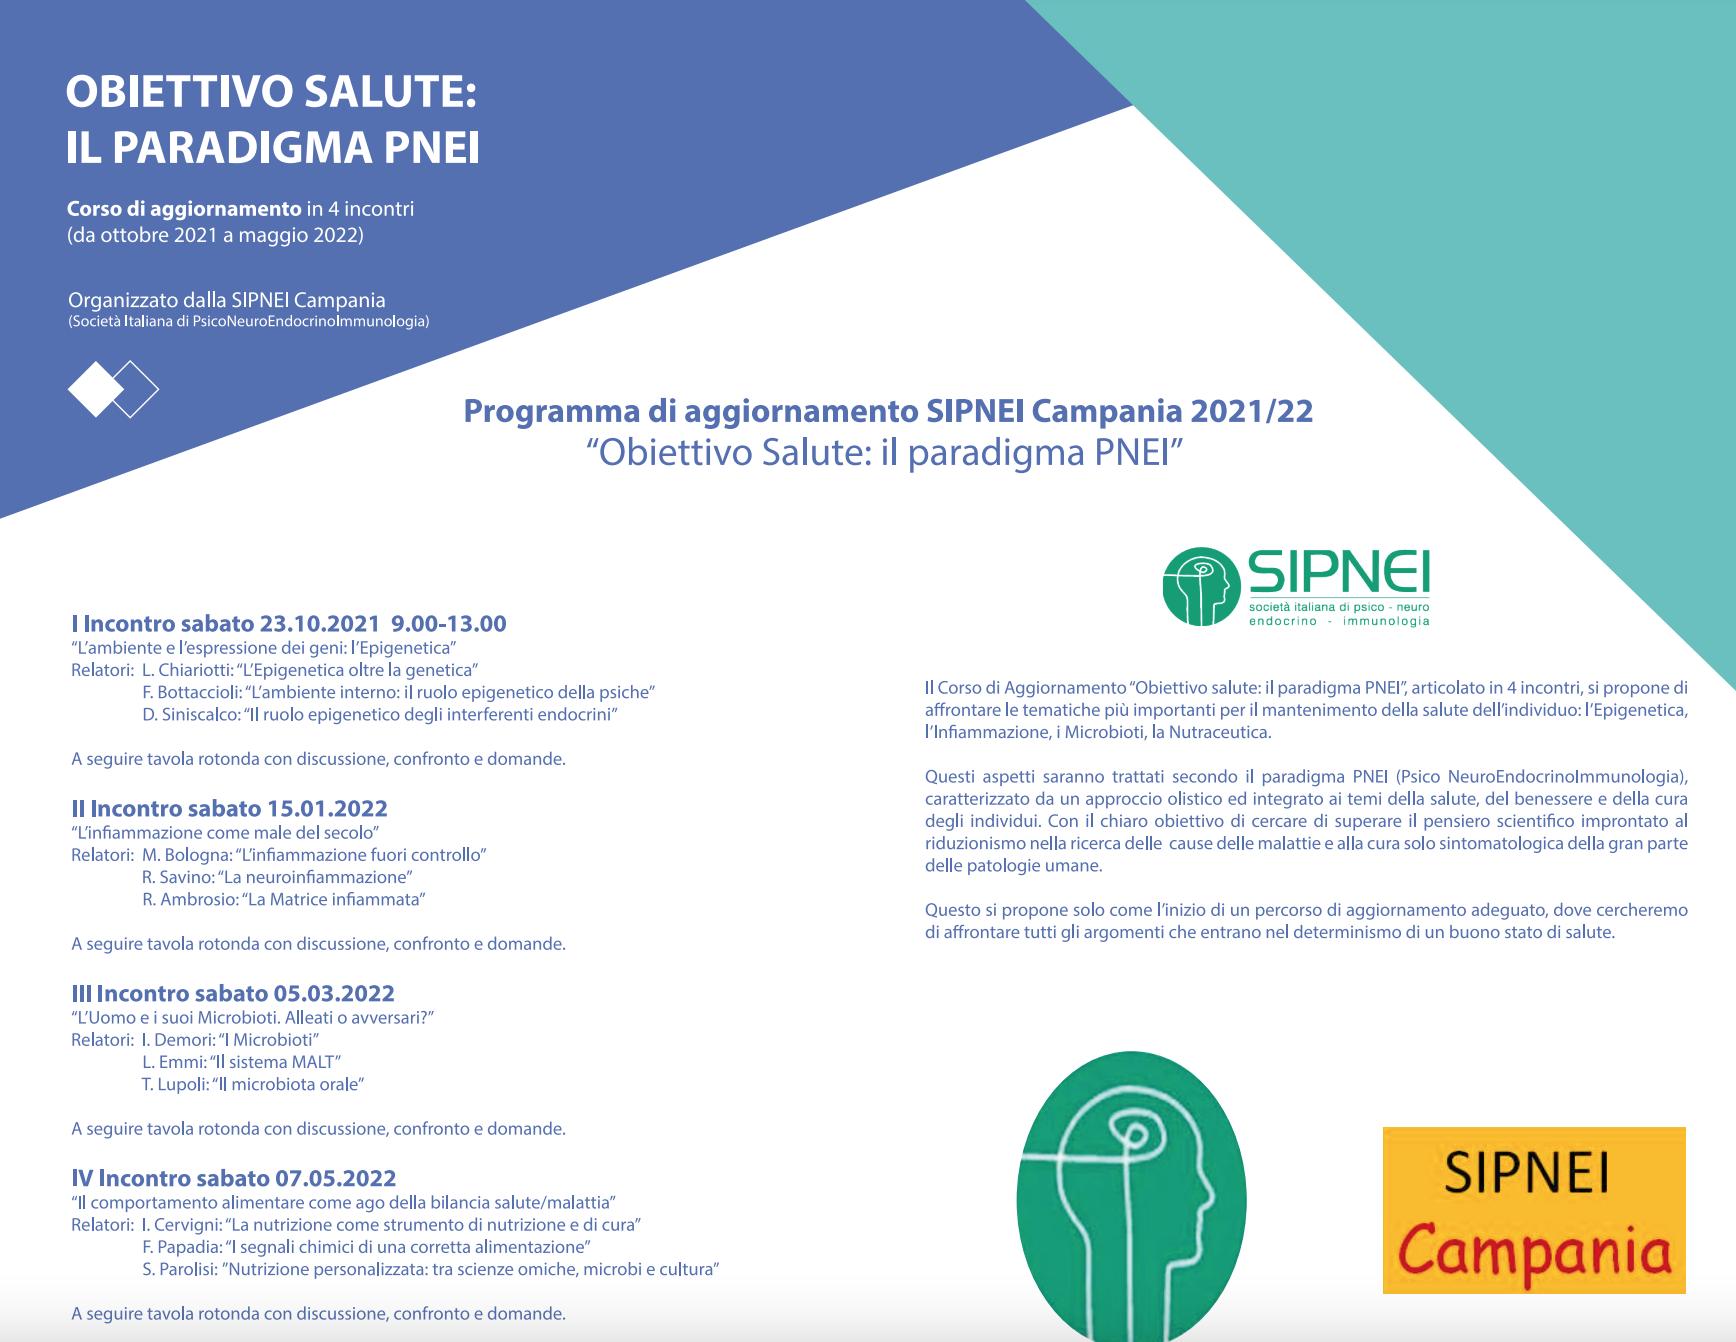 Programma di aggiornamento SIPNEI Campania 2021/22